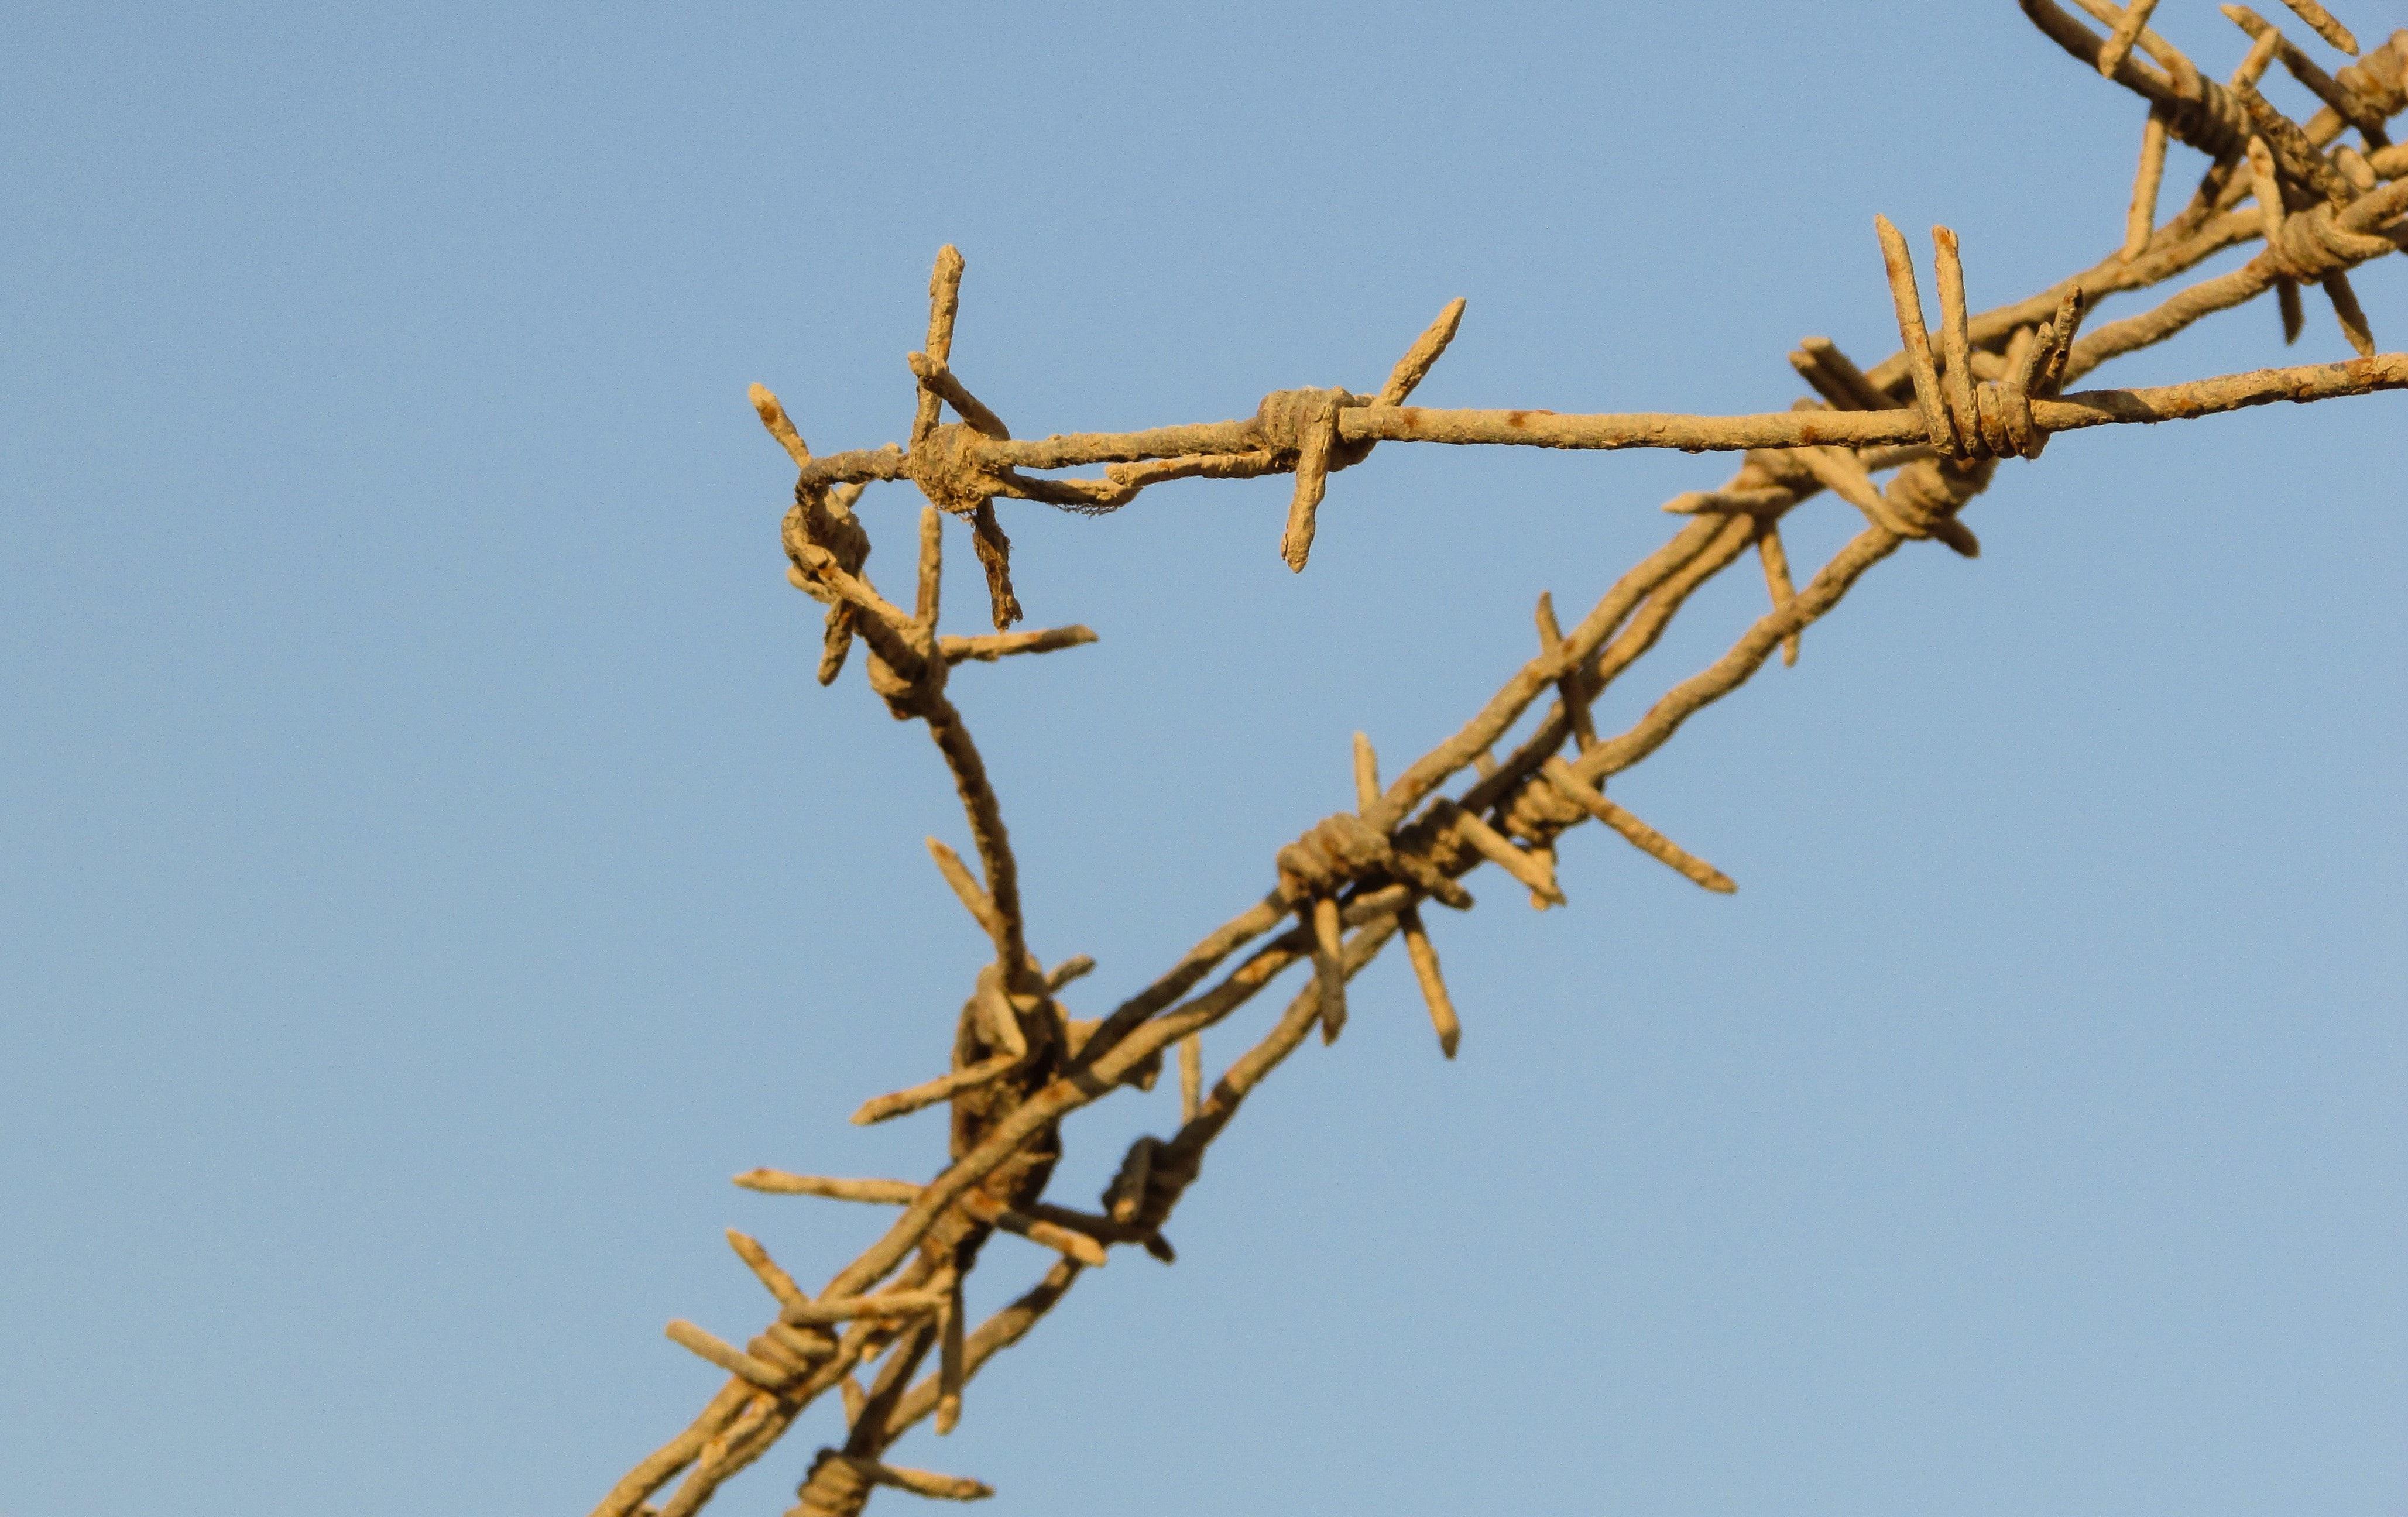 Kostenlose foto : Baum, Ast, scharf, Zaun, Pflanze, Himmel, Blume ...